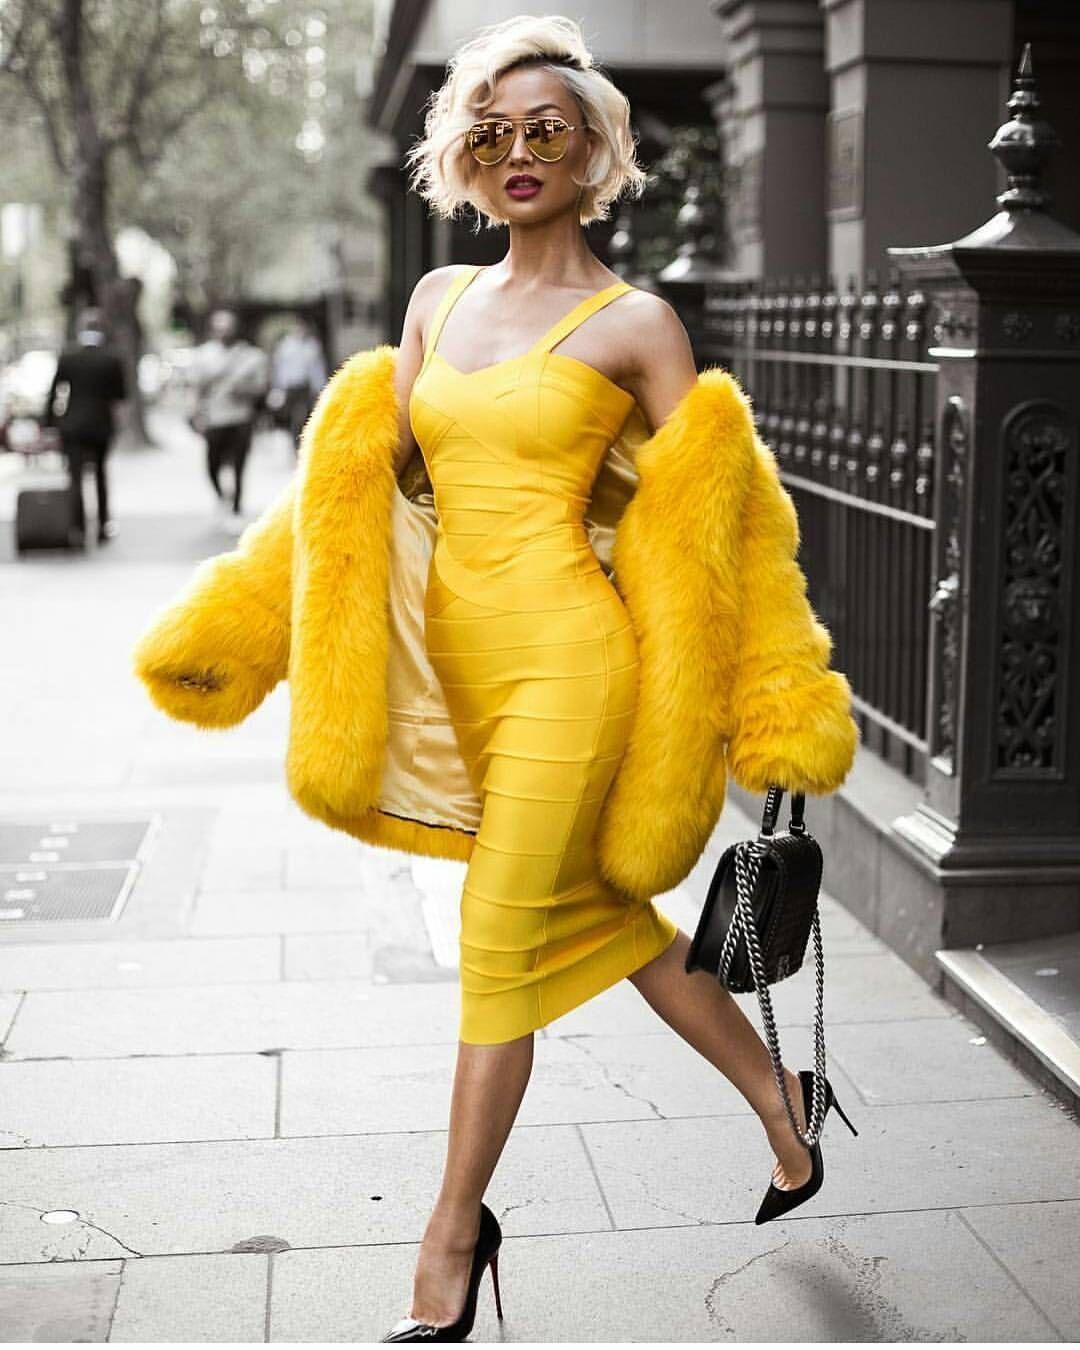 369 vind-ik-leuks, 34 reacties - Fashion Visionaries (@fashion_visionaries) op Instagram: 'Spring is here  Via @micahgianneli'